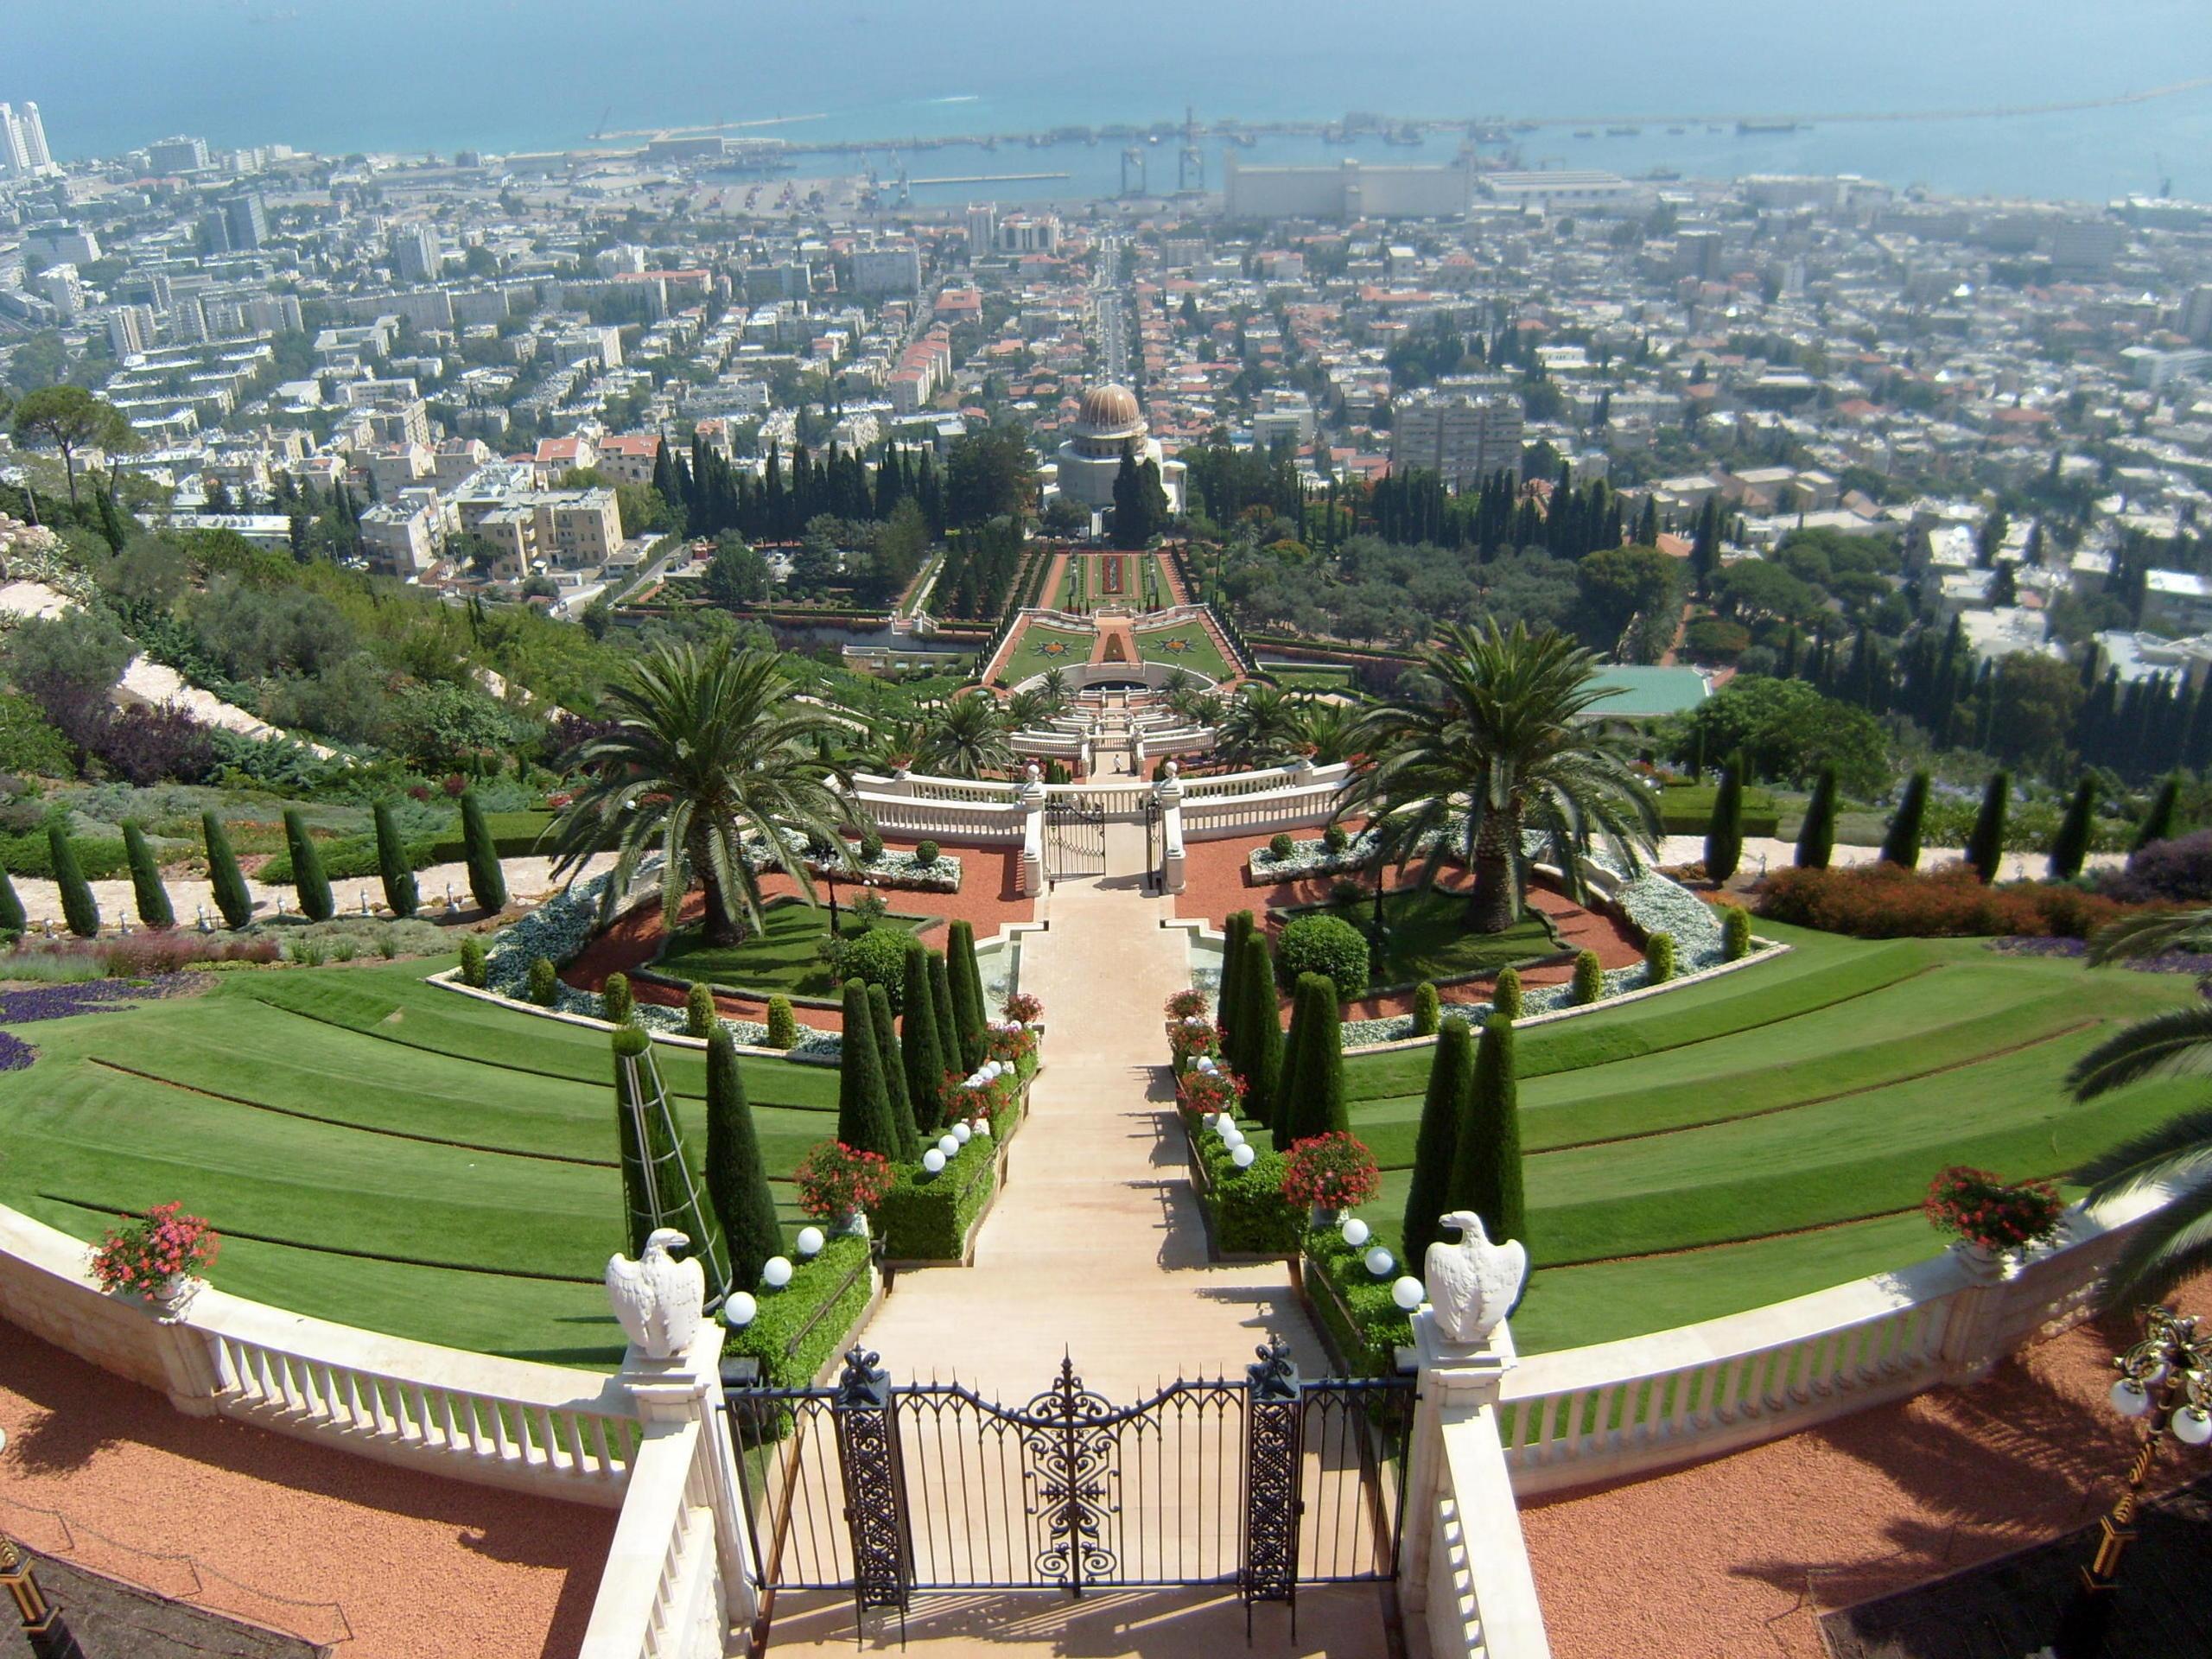 Haifa-israel-8755301-2560-1920.jpg